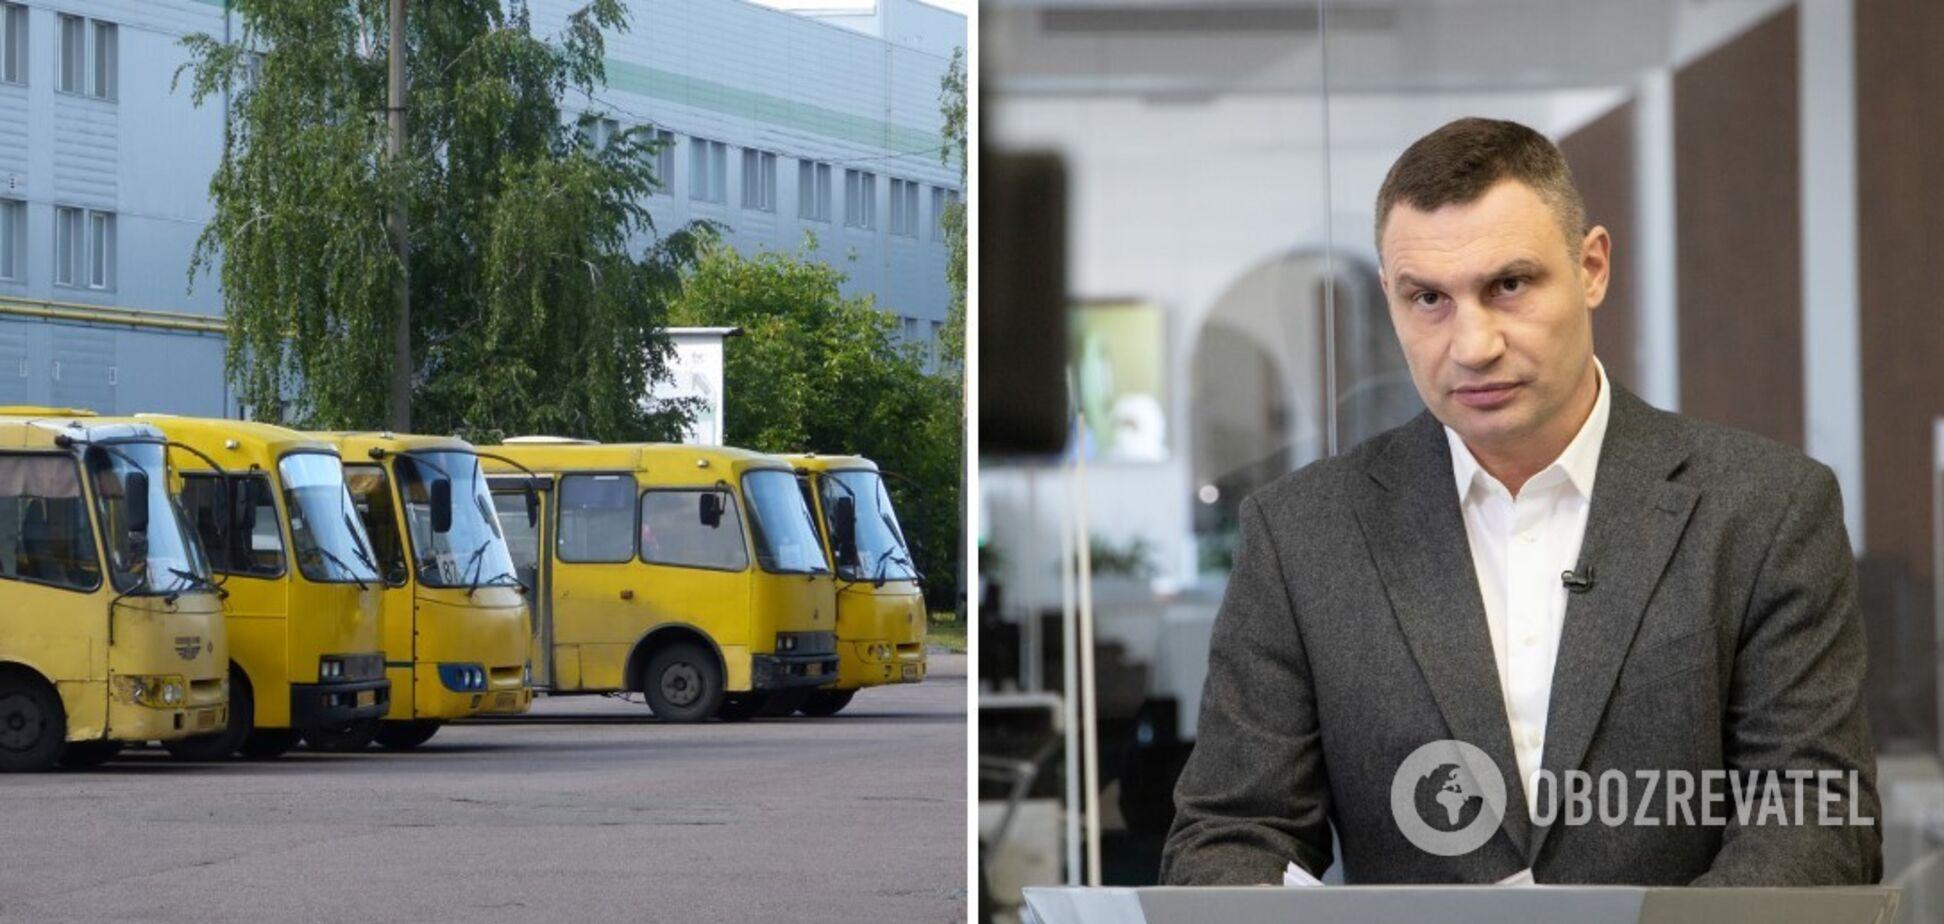 Кличко считает манипуляцией намерение Ассоциации перевозчиков Киева обратиться к власти столицы официально запретить работу маршруток